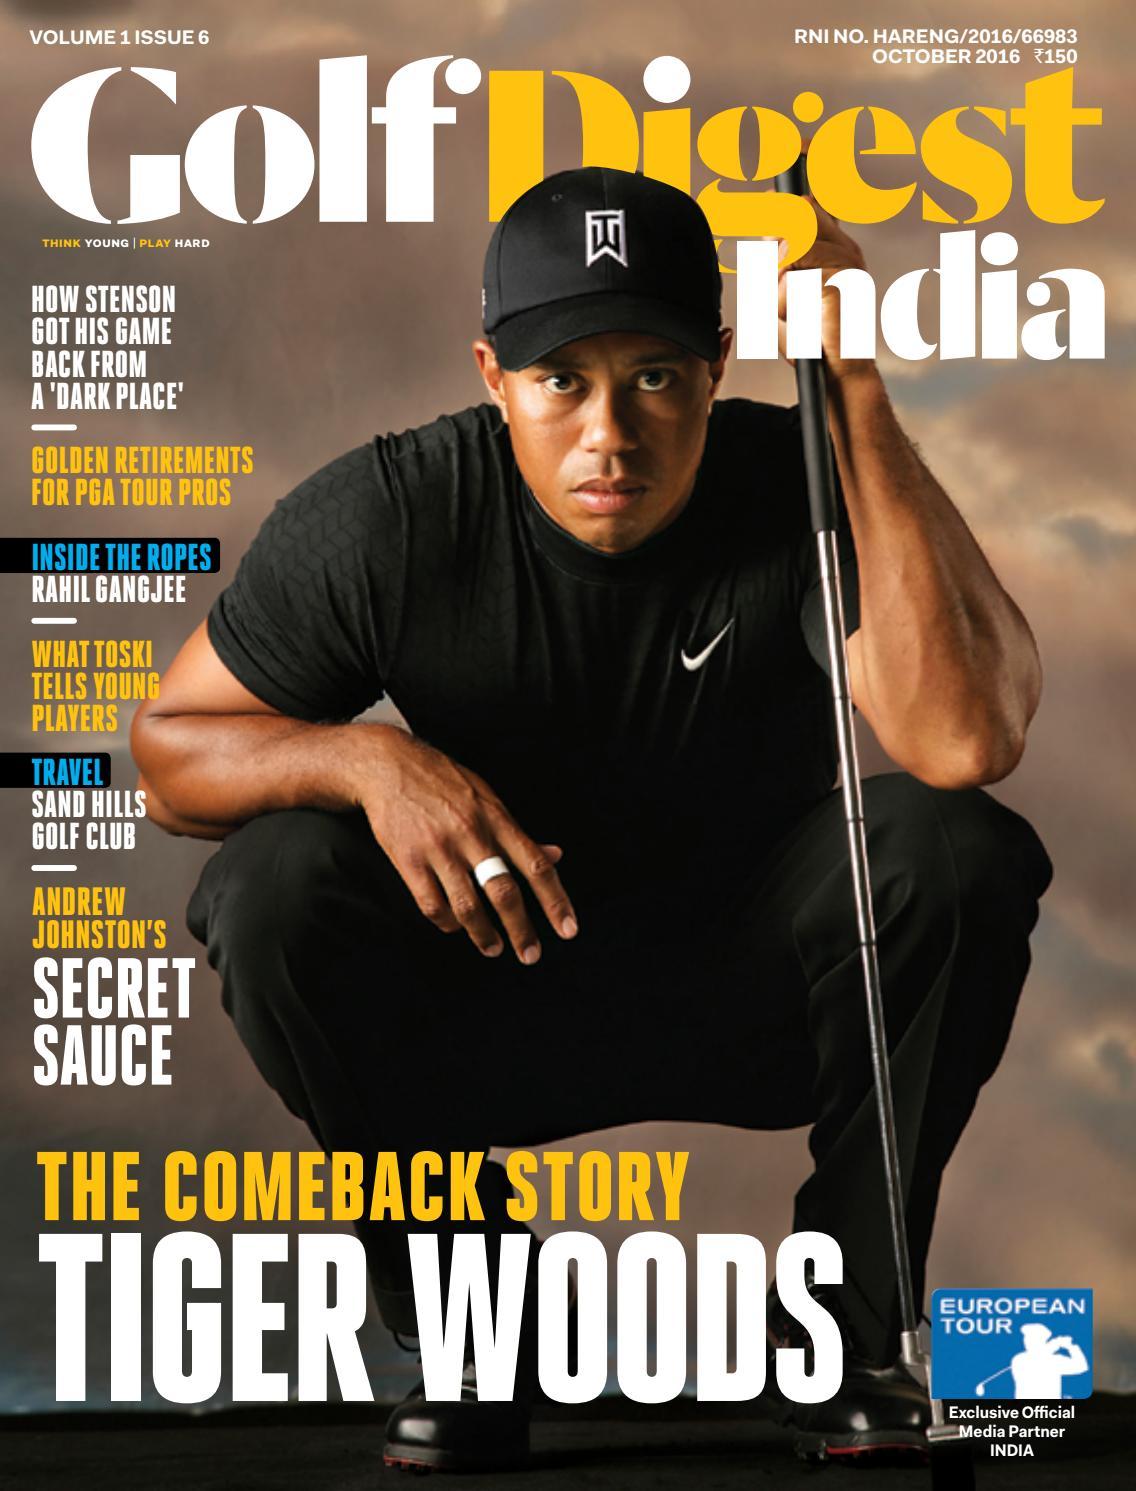 5c7c67021fedb Golf Digest India - October 2016 by Golf Digest India - issuu